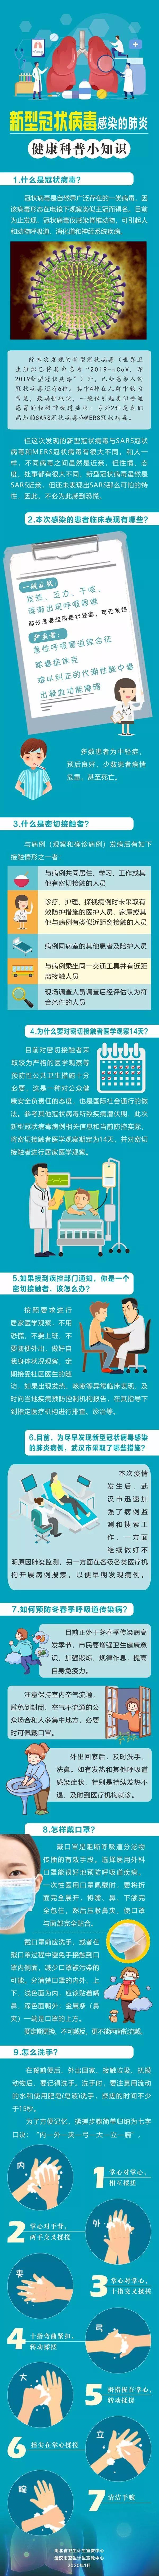 新型冠状病毒感染的肺炎有哪些症状?你想知道的全在这里!